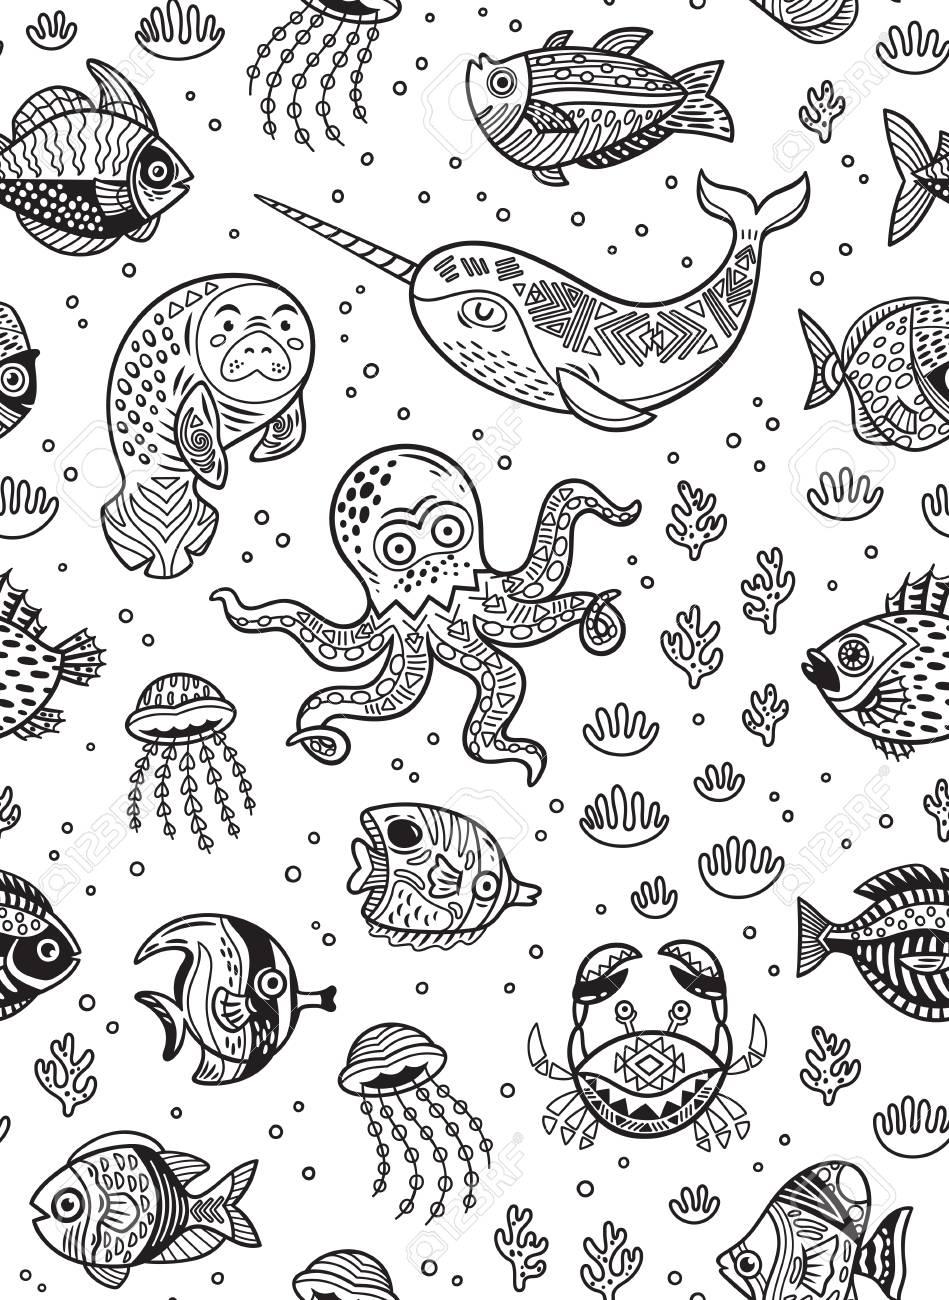 Patrón Sin Costuras De Animales Acuáticos Para Niños Libro Para ...